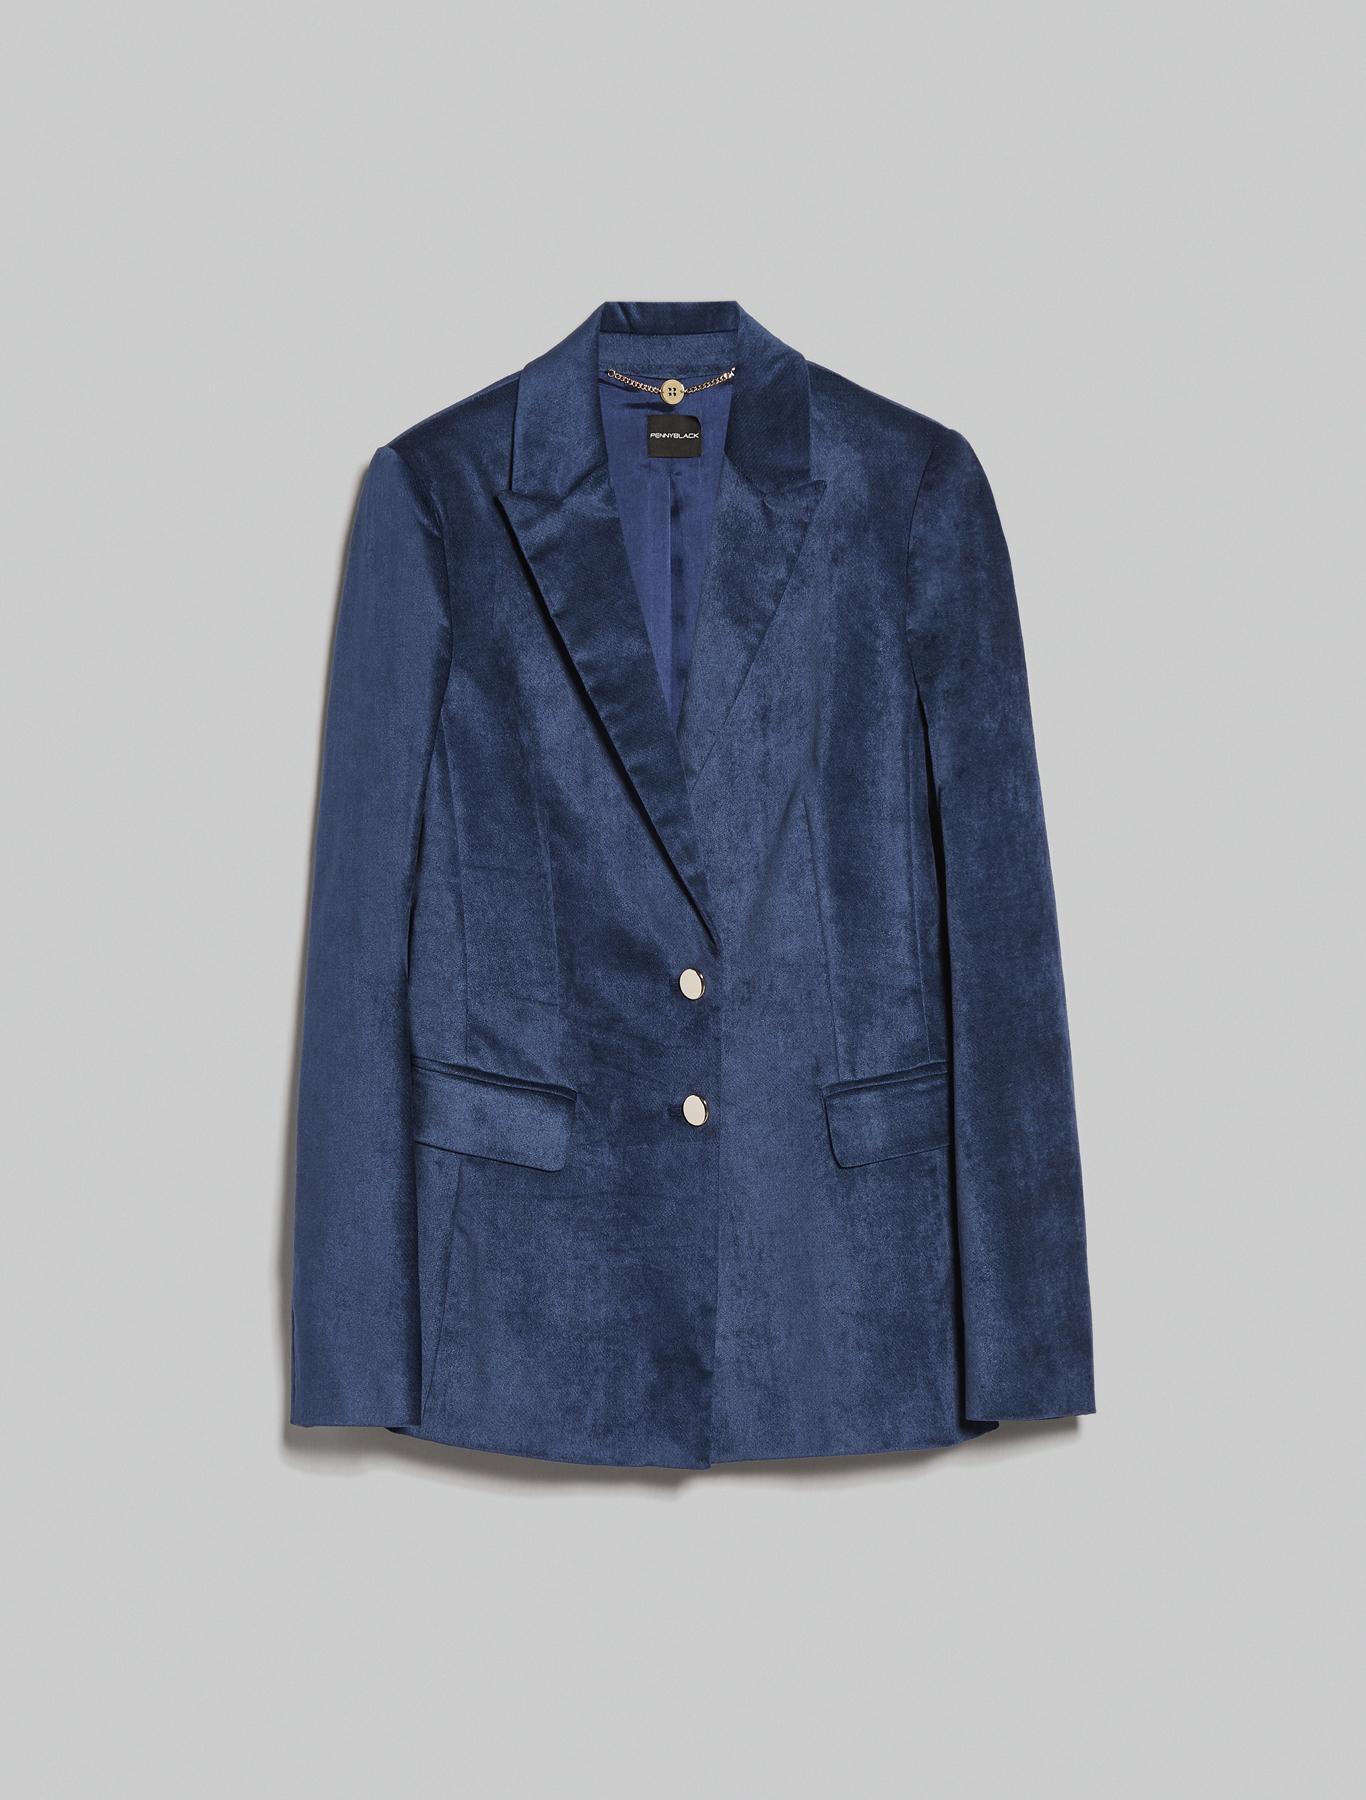 Velvet blazer - midnight blue - pennyblack